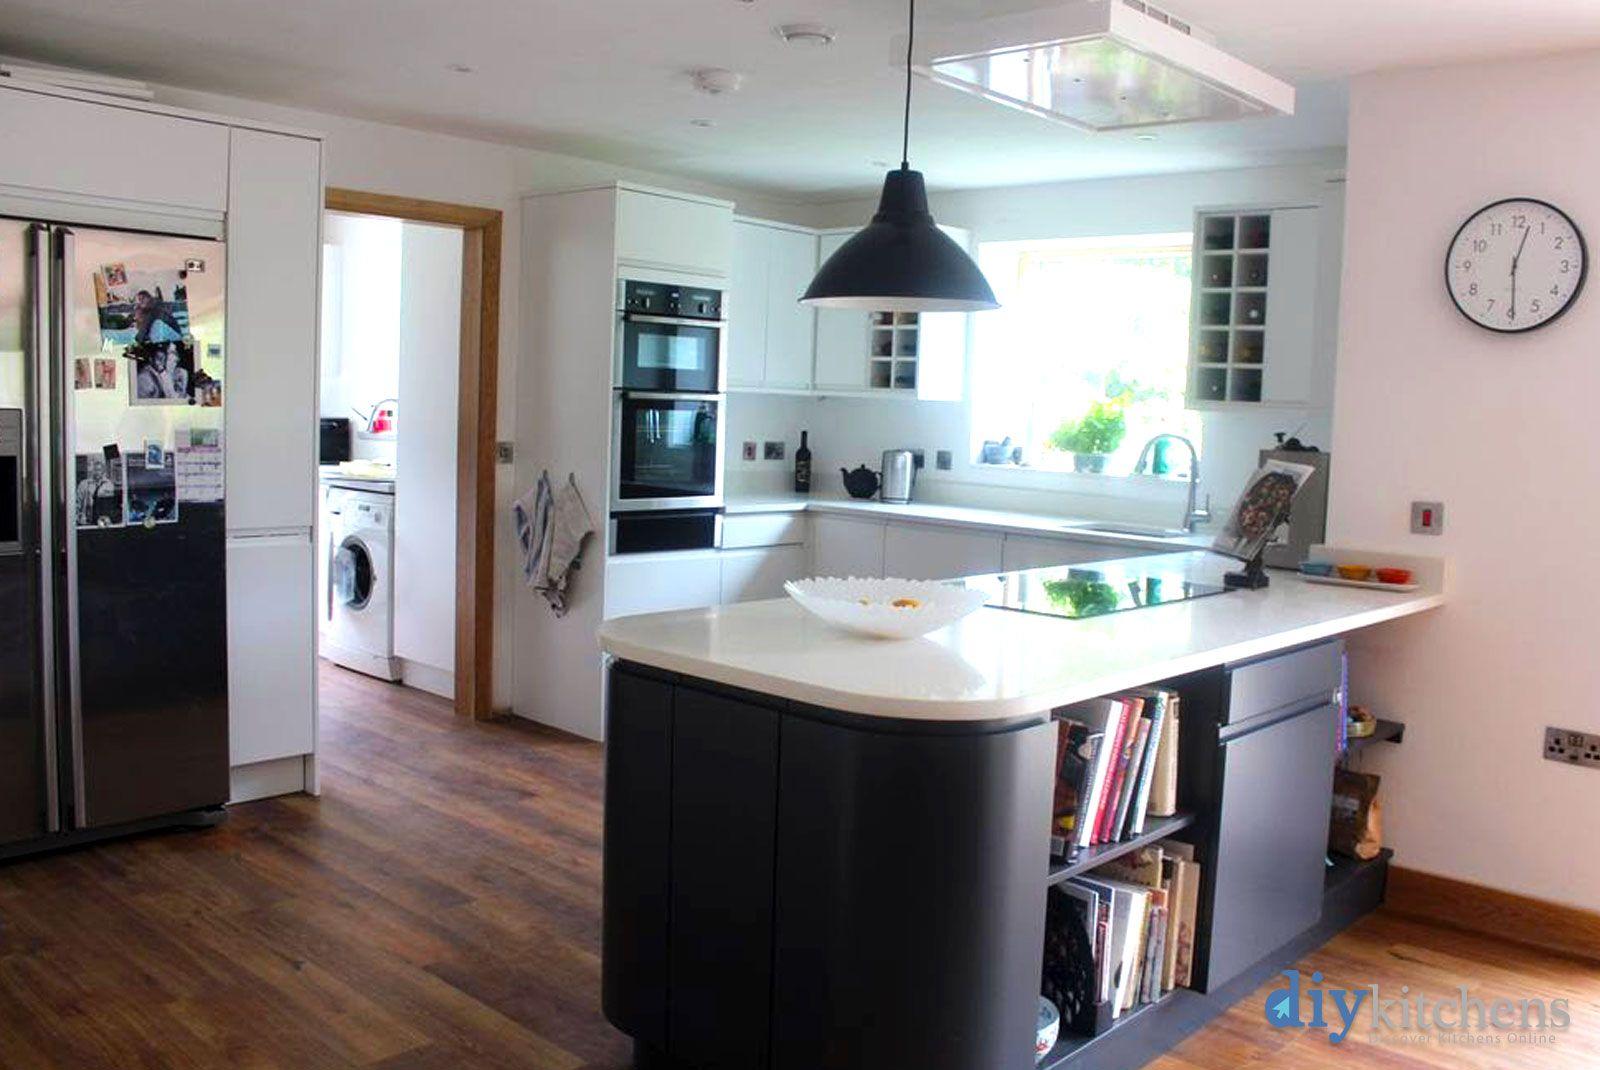 Best An Innova Luca Matt White Carbon Handleless Kitchen In 640 x 480